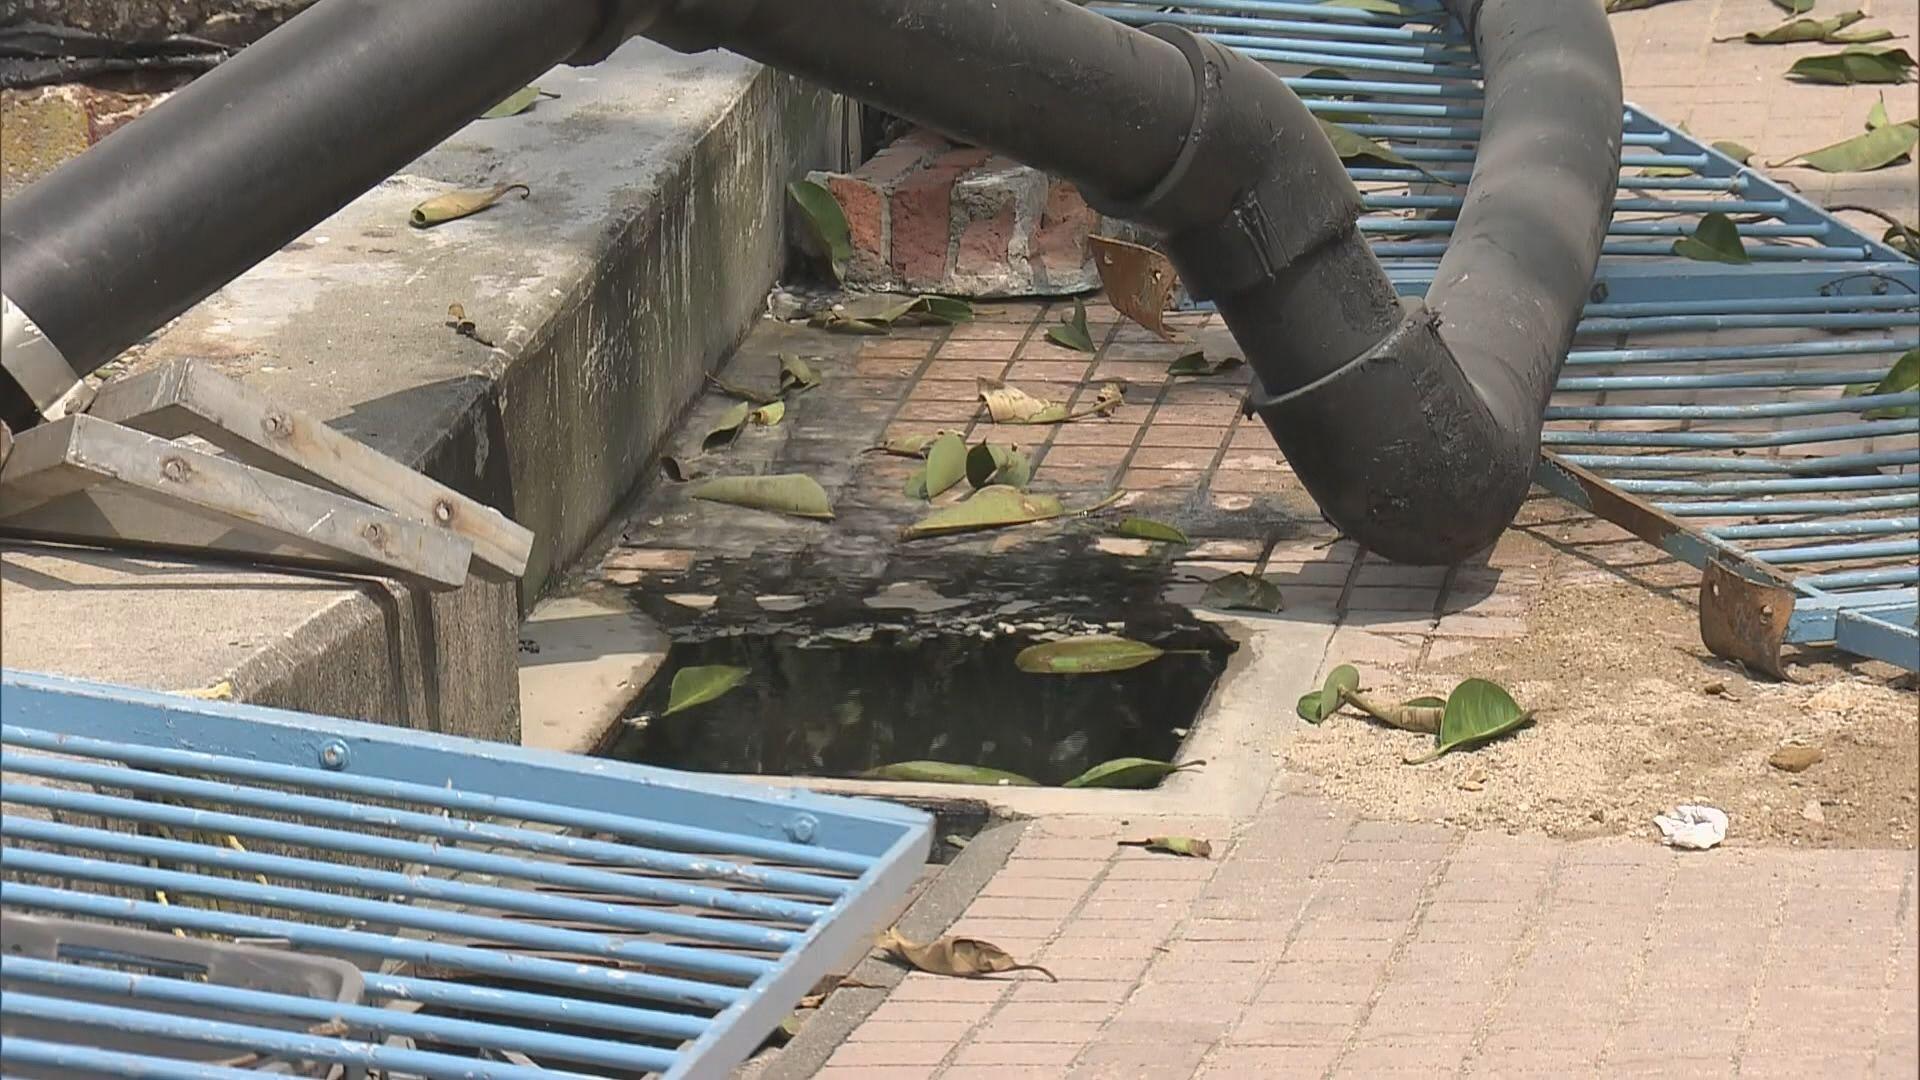 西貢污水處理廠設施嚴重受損